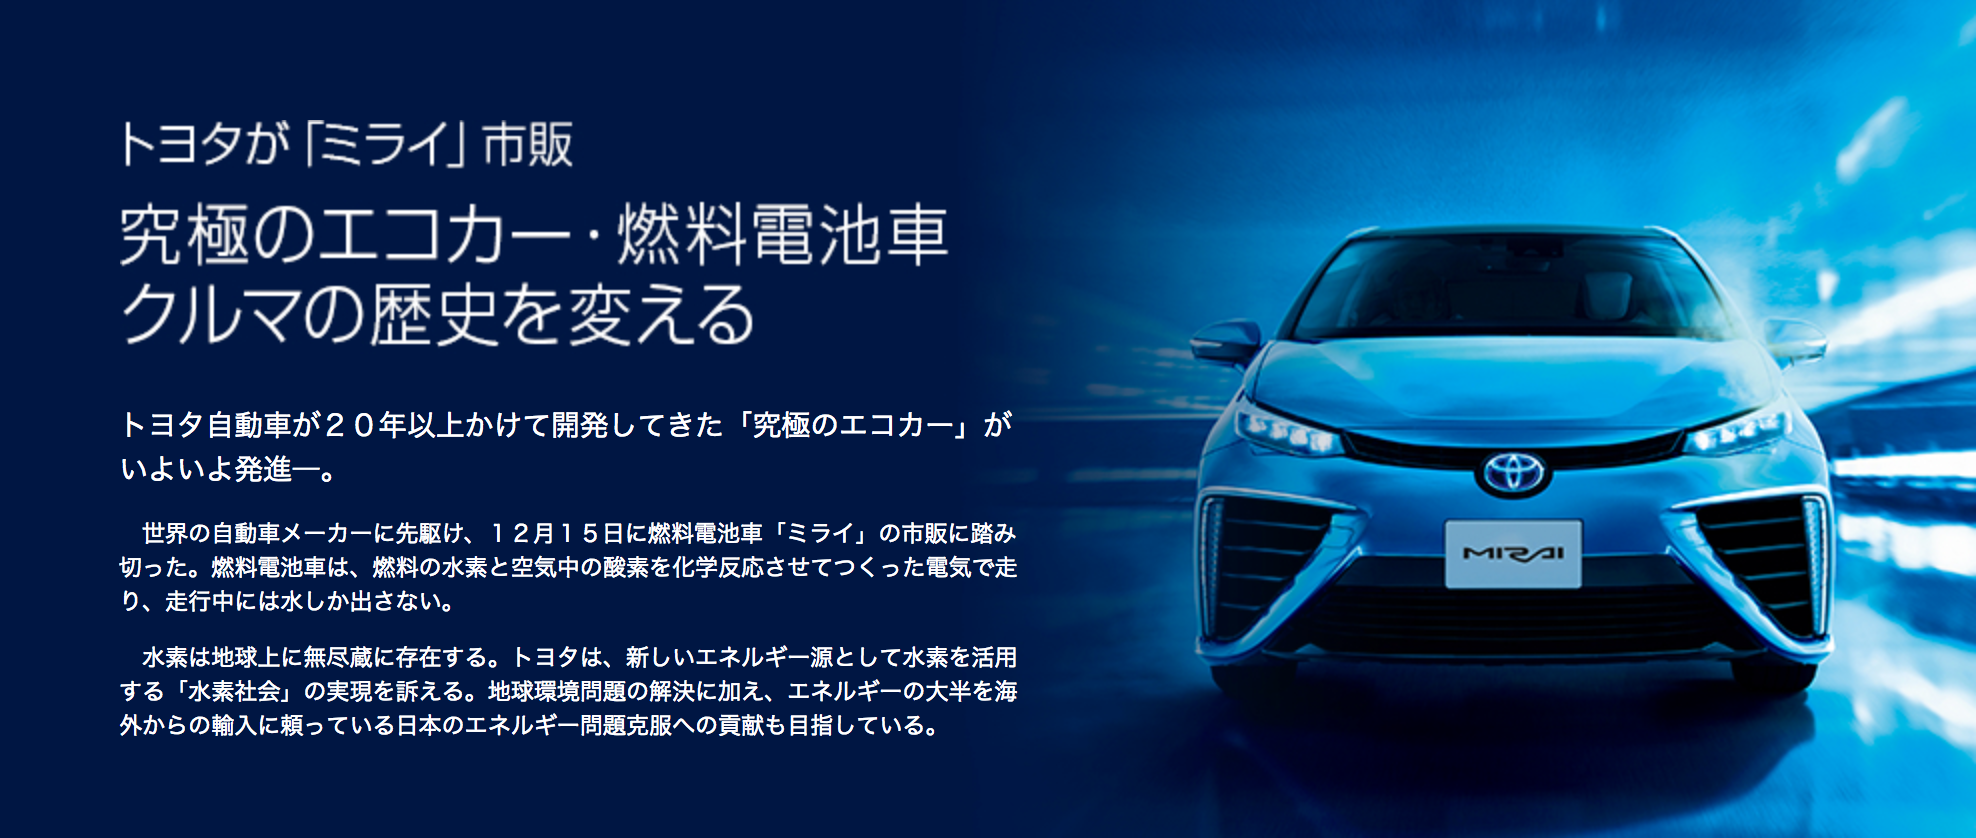 トヨタが「ミライ」市販 究極のエコカー・燃料電池車 クルマの歴史を変える